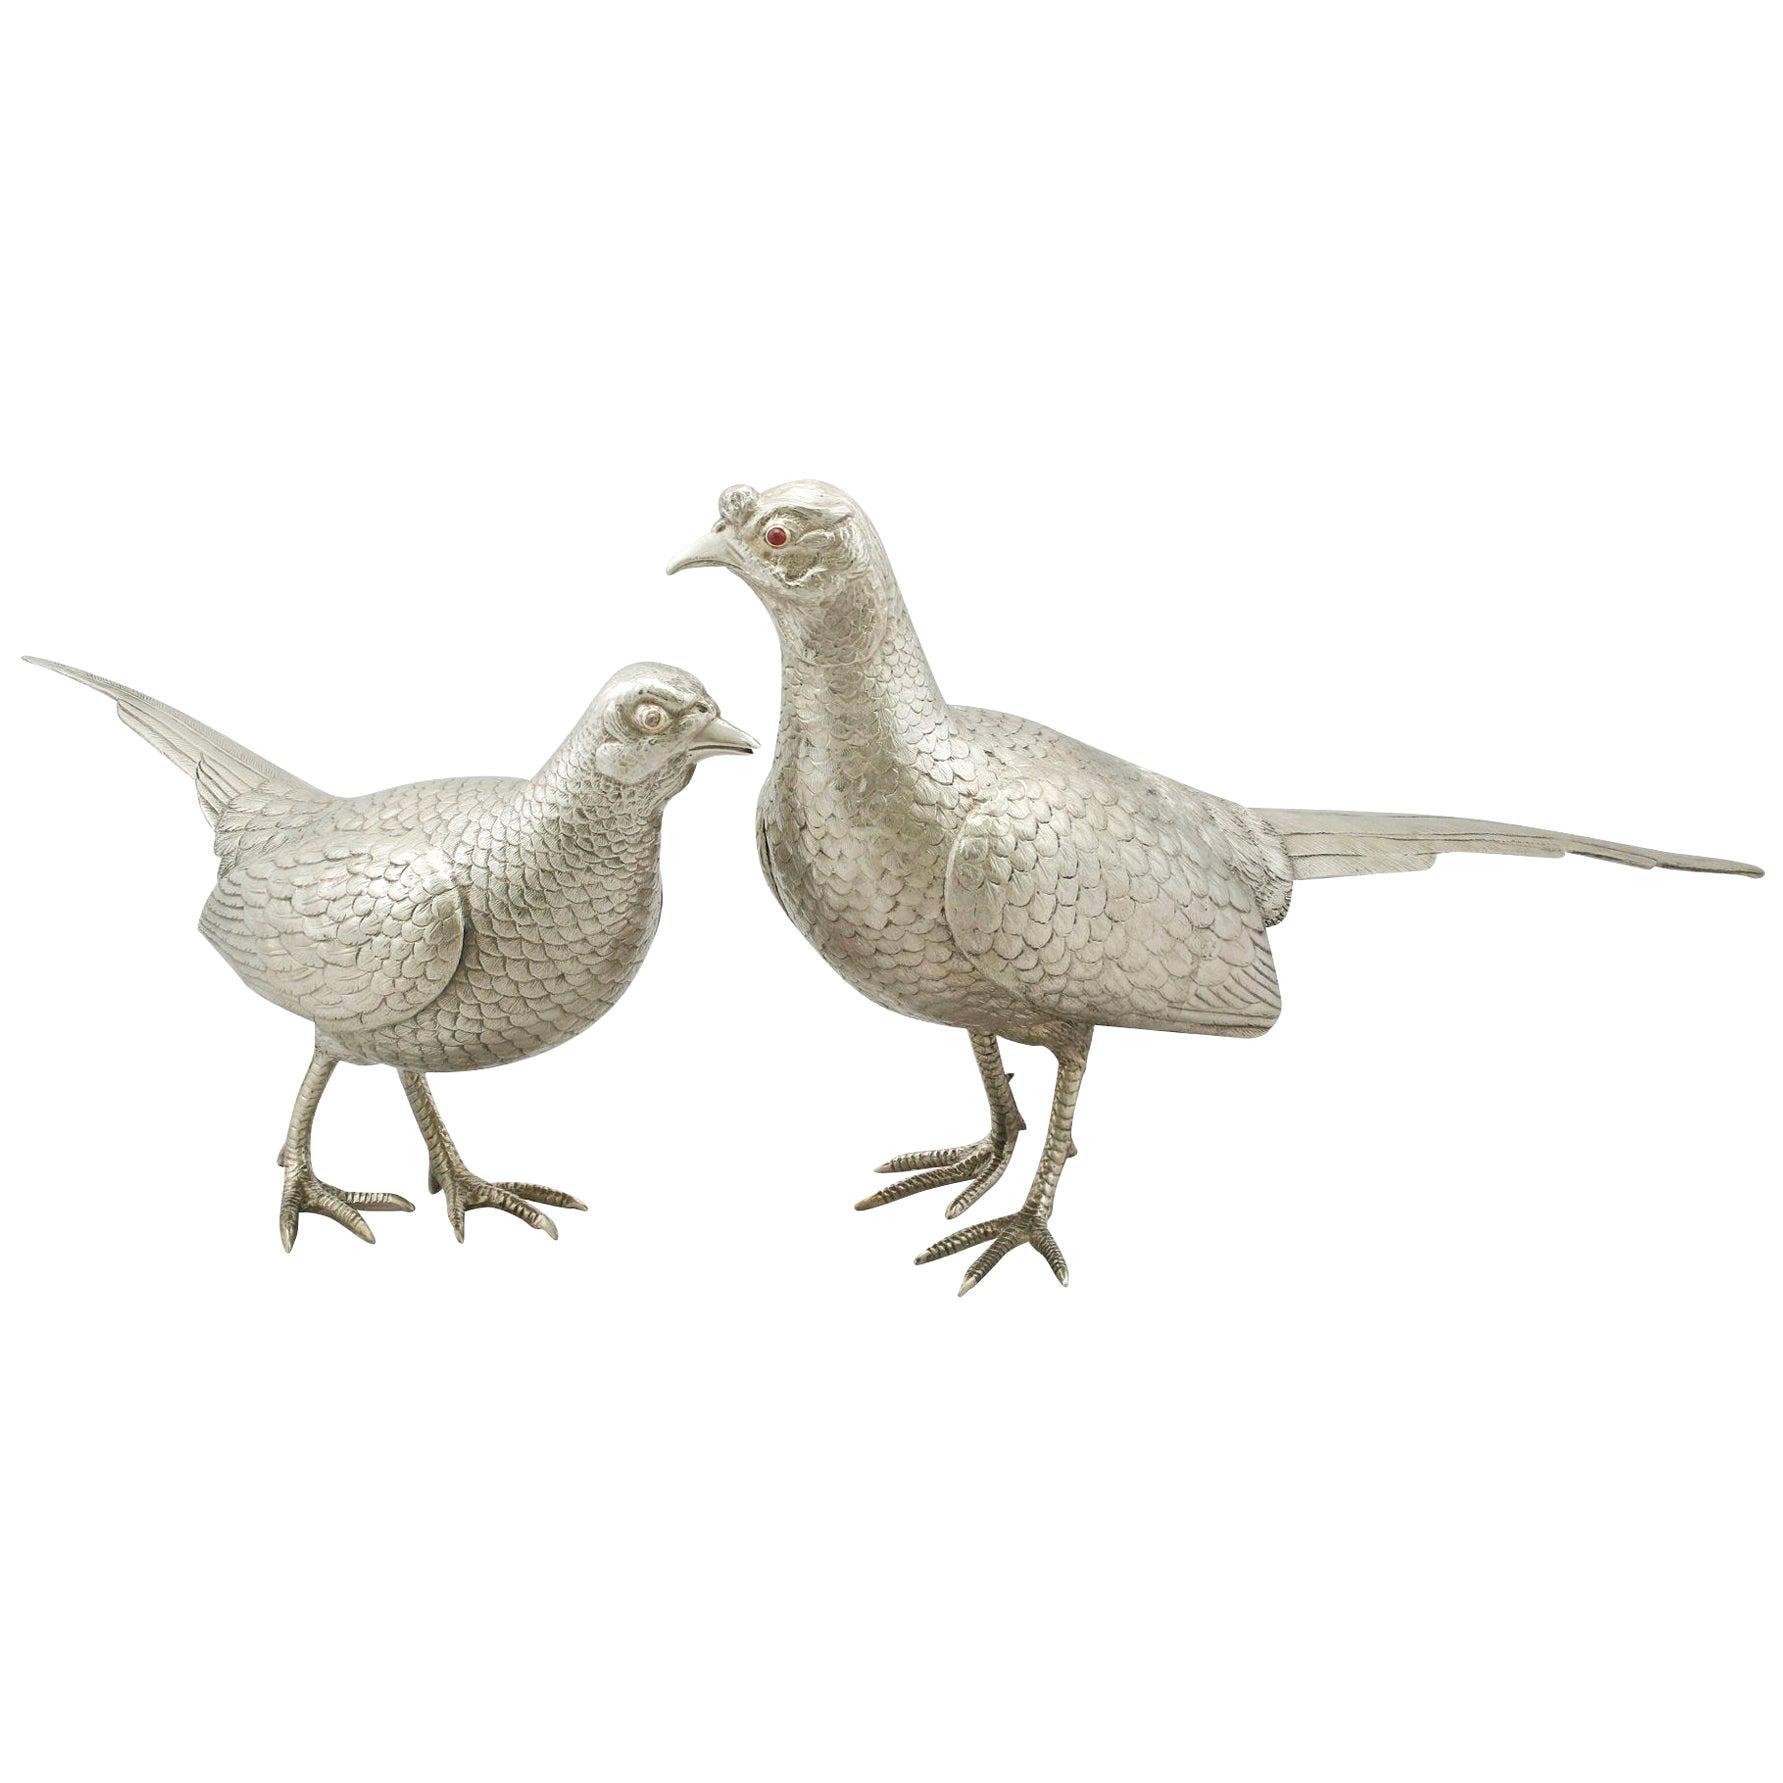 Vintage Elizabeth II Sterling Silver Table Pheasants